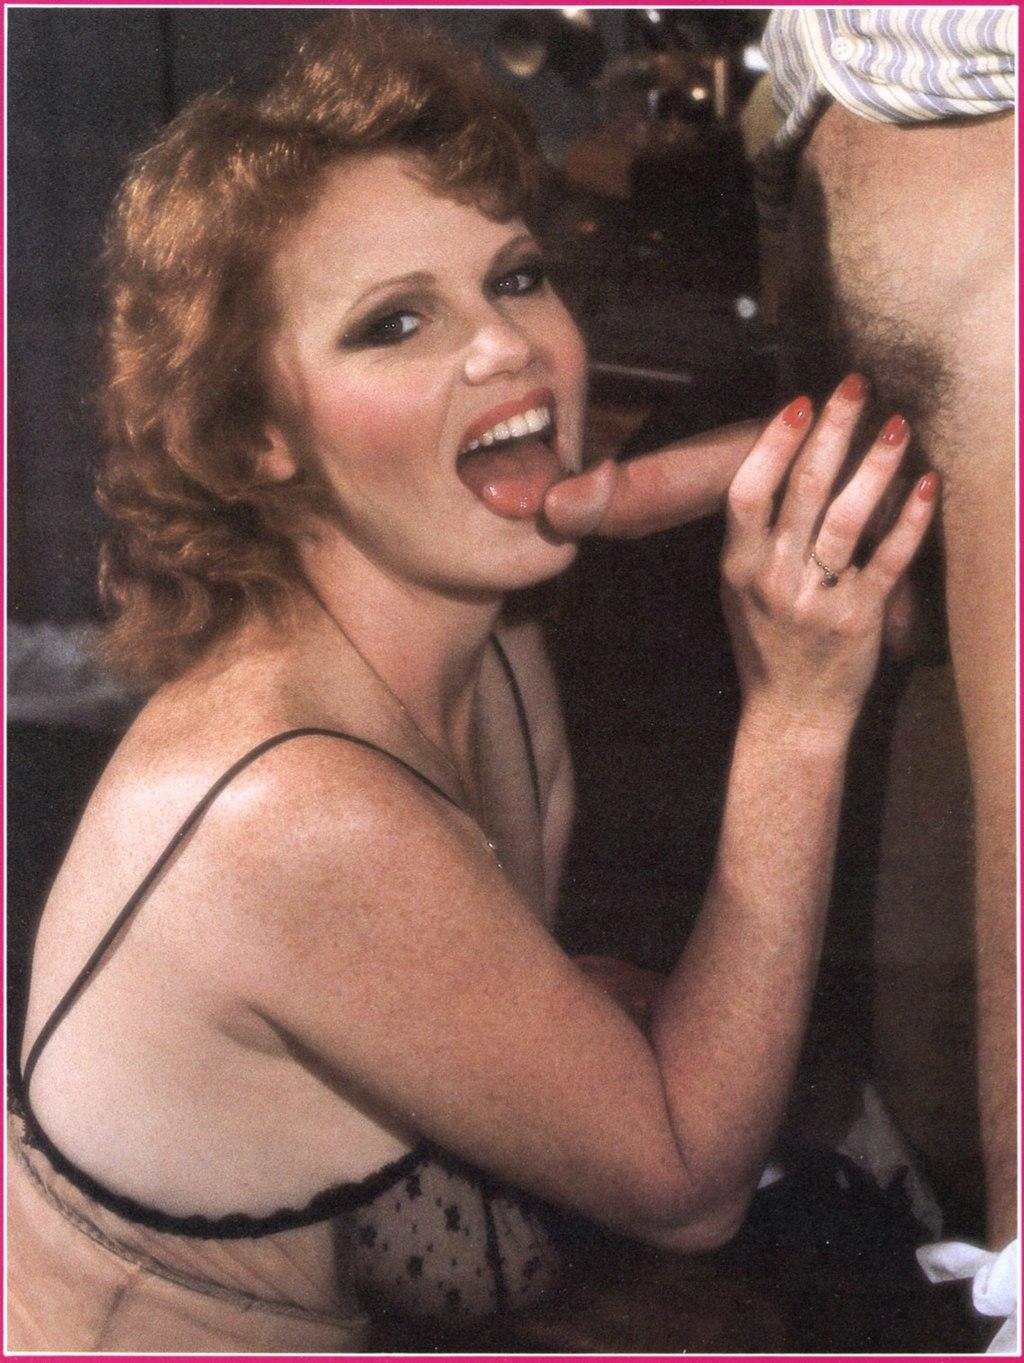 Annette haven full movie